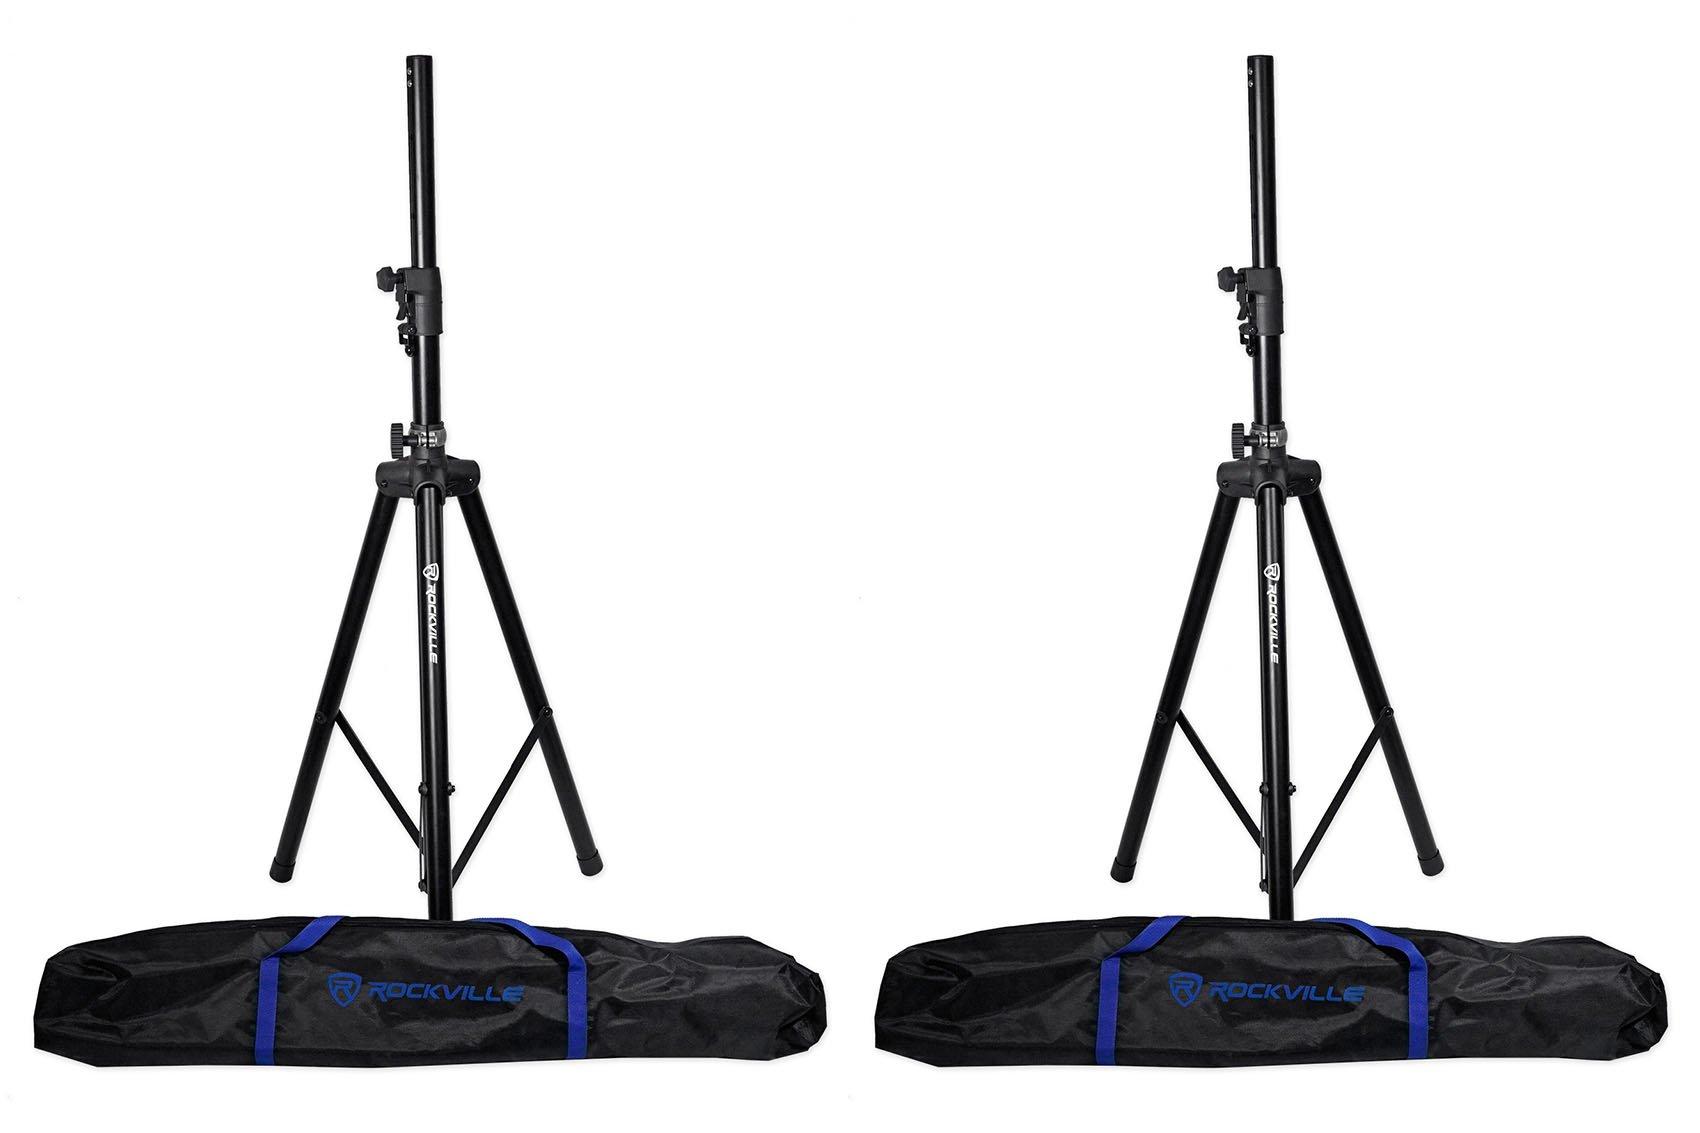 2 Rockville DJ PA Tripod Speaker Stands+Bags, Hydraulic Air Auto Lift RVSS4AB